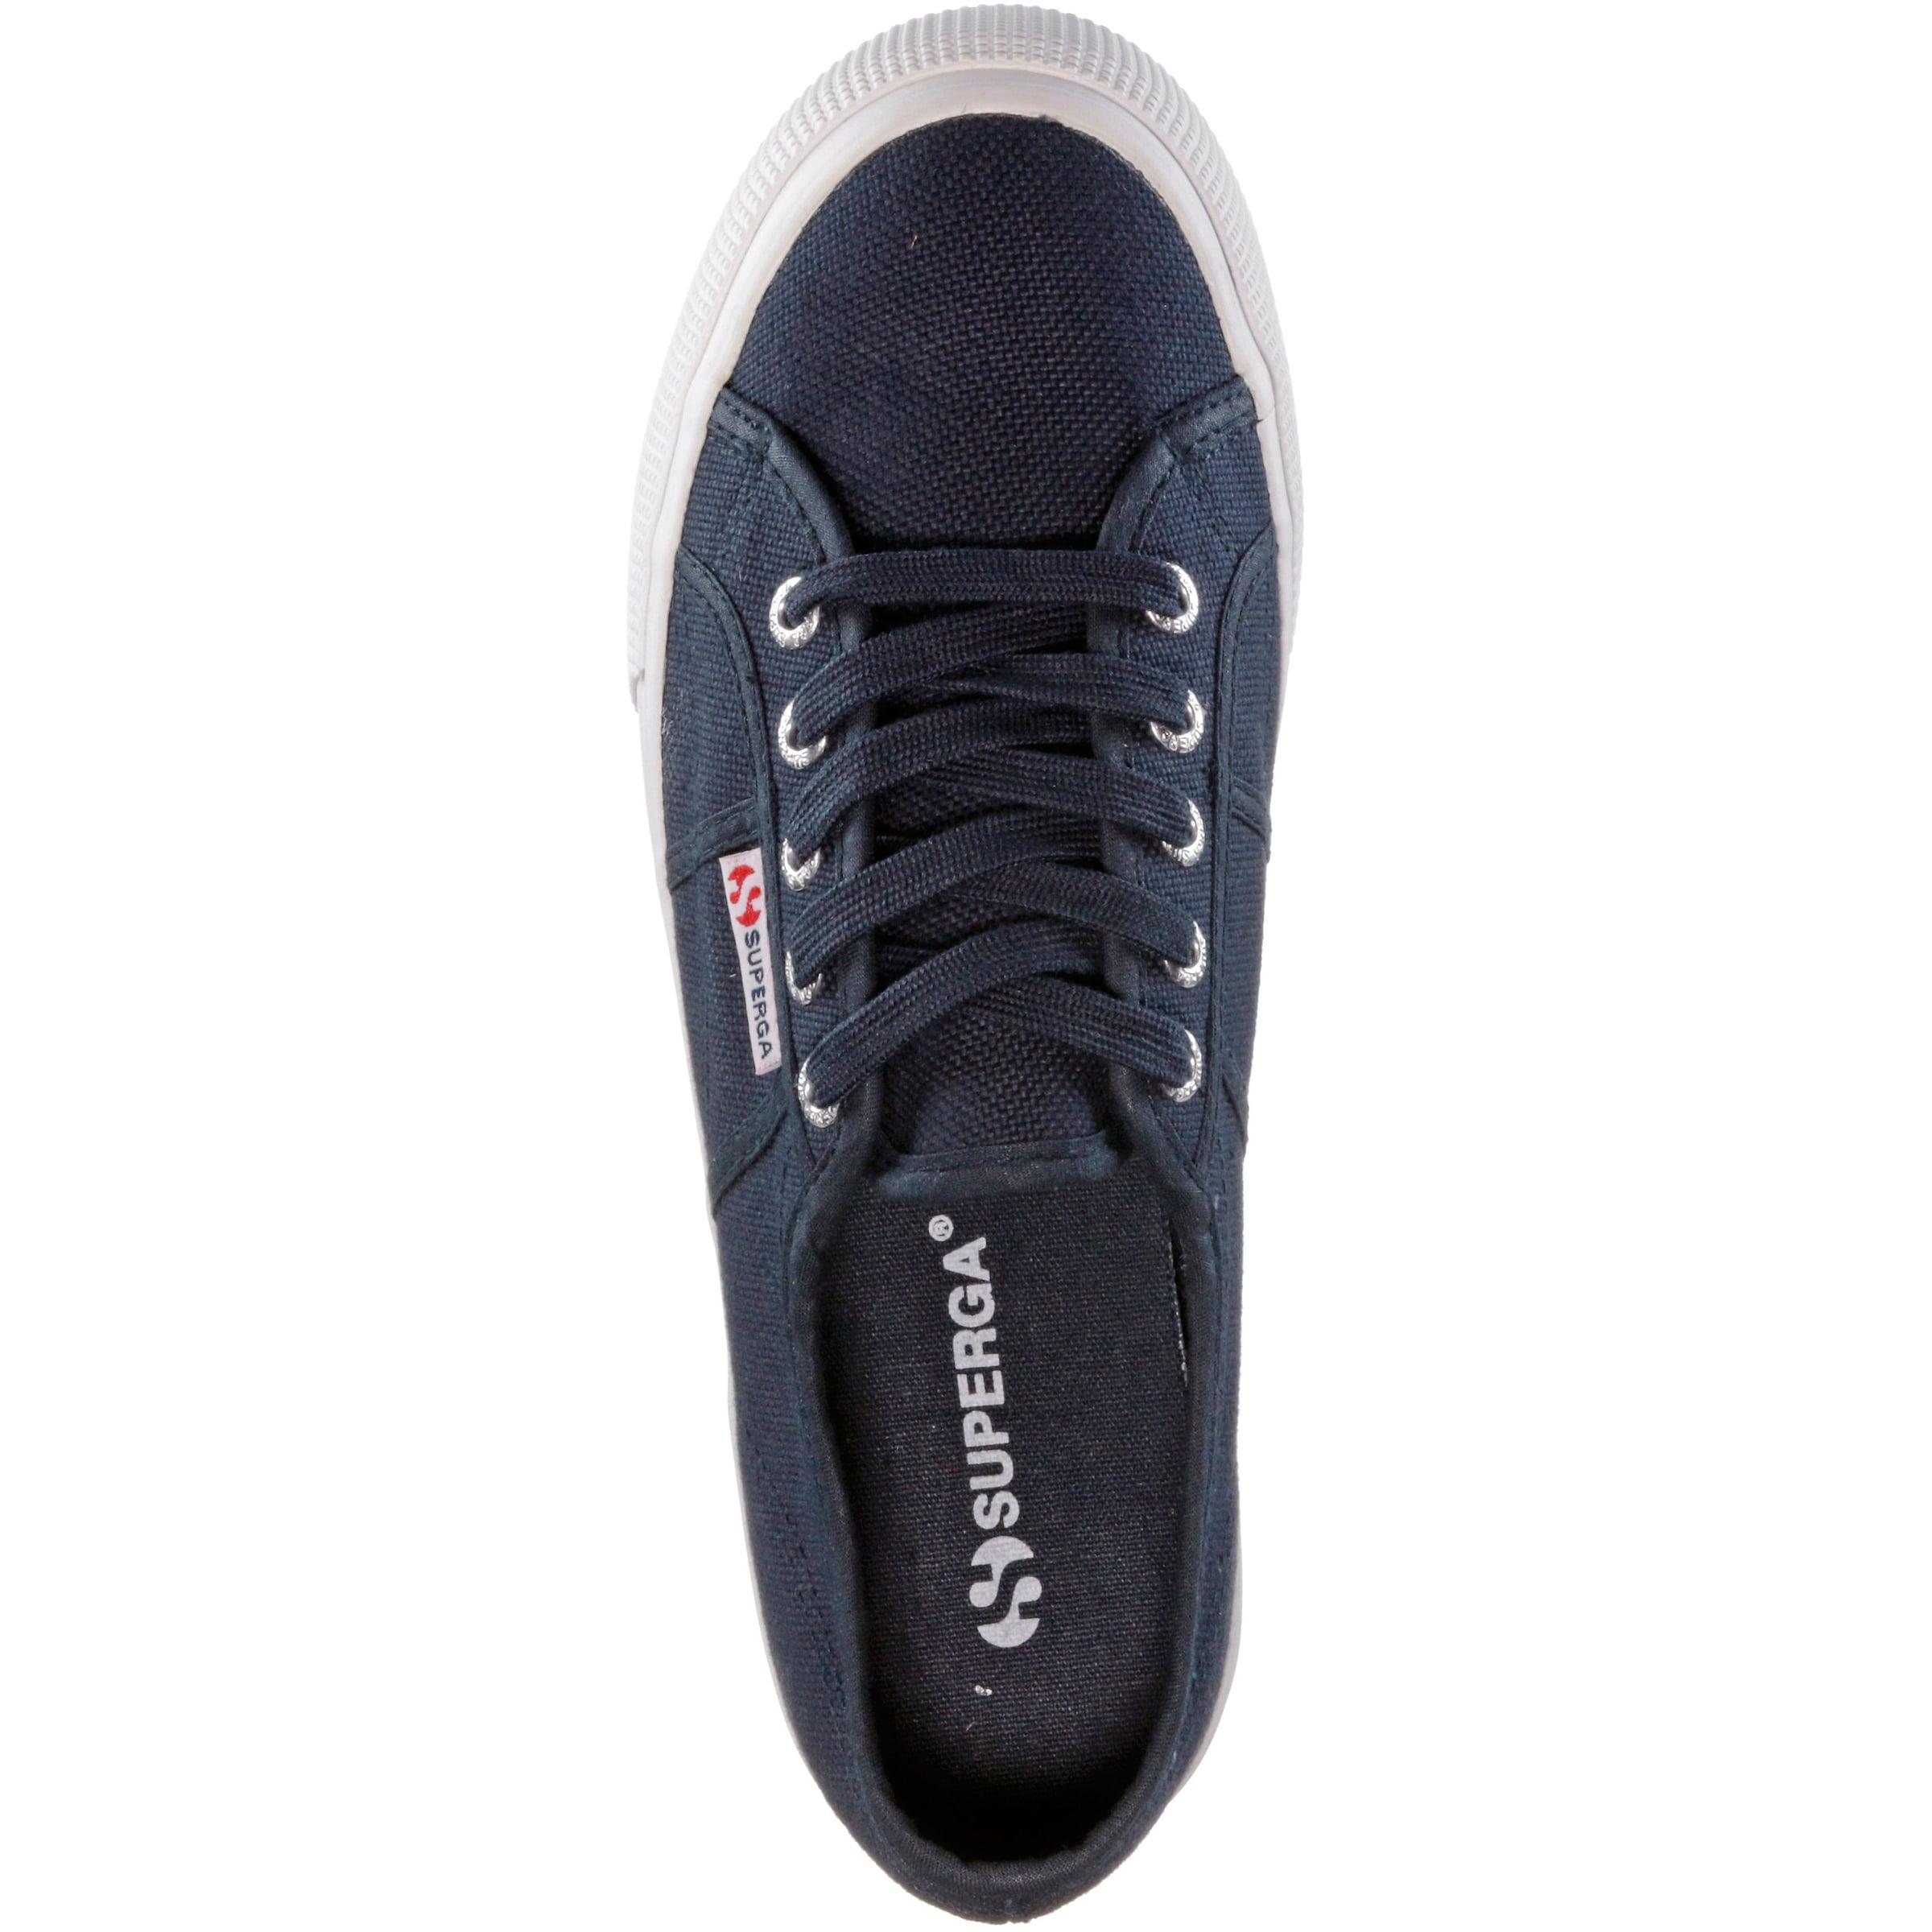 SUPERGA Sneaker '2790 Acotw Linea Up & down' Verkauf Suchen Freies Verschiffen Ausgezeichnet Online Einkaufen Verkauf Erstaunlicher Preis Großhandelspreis Online 5yAPGGS